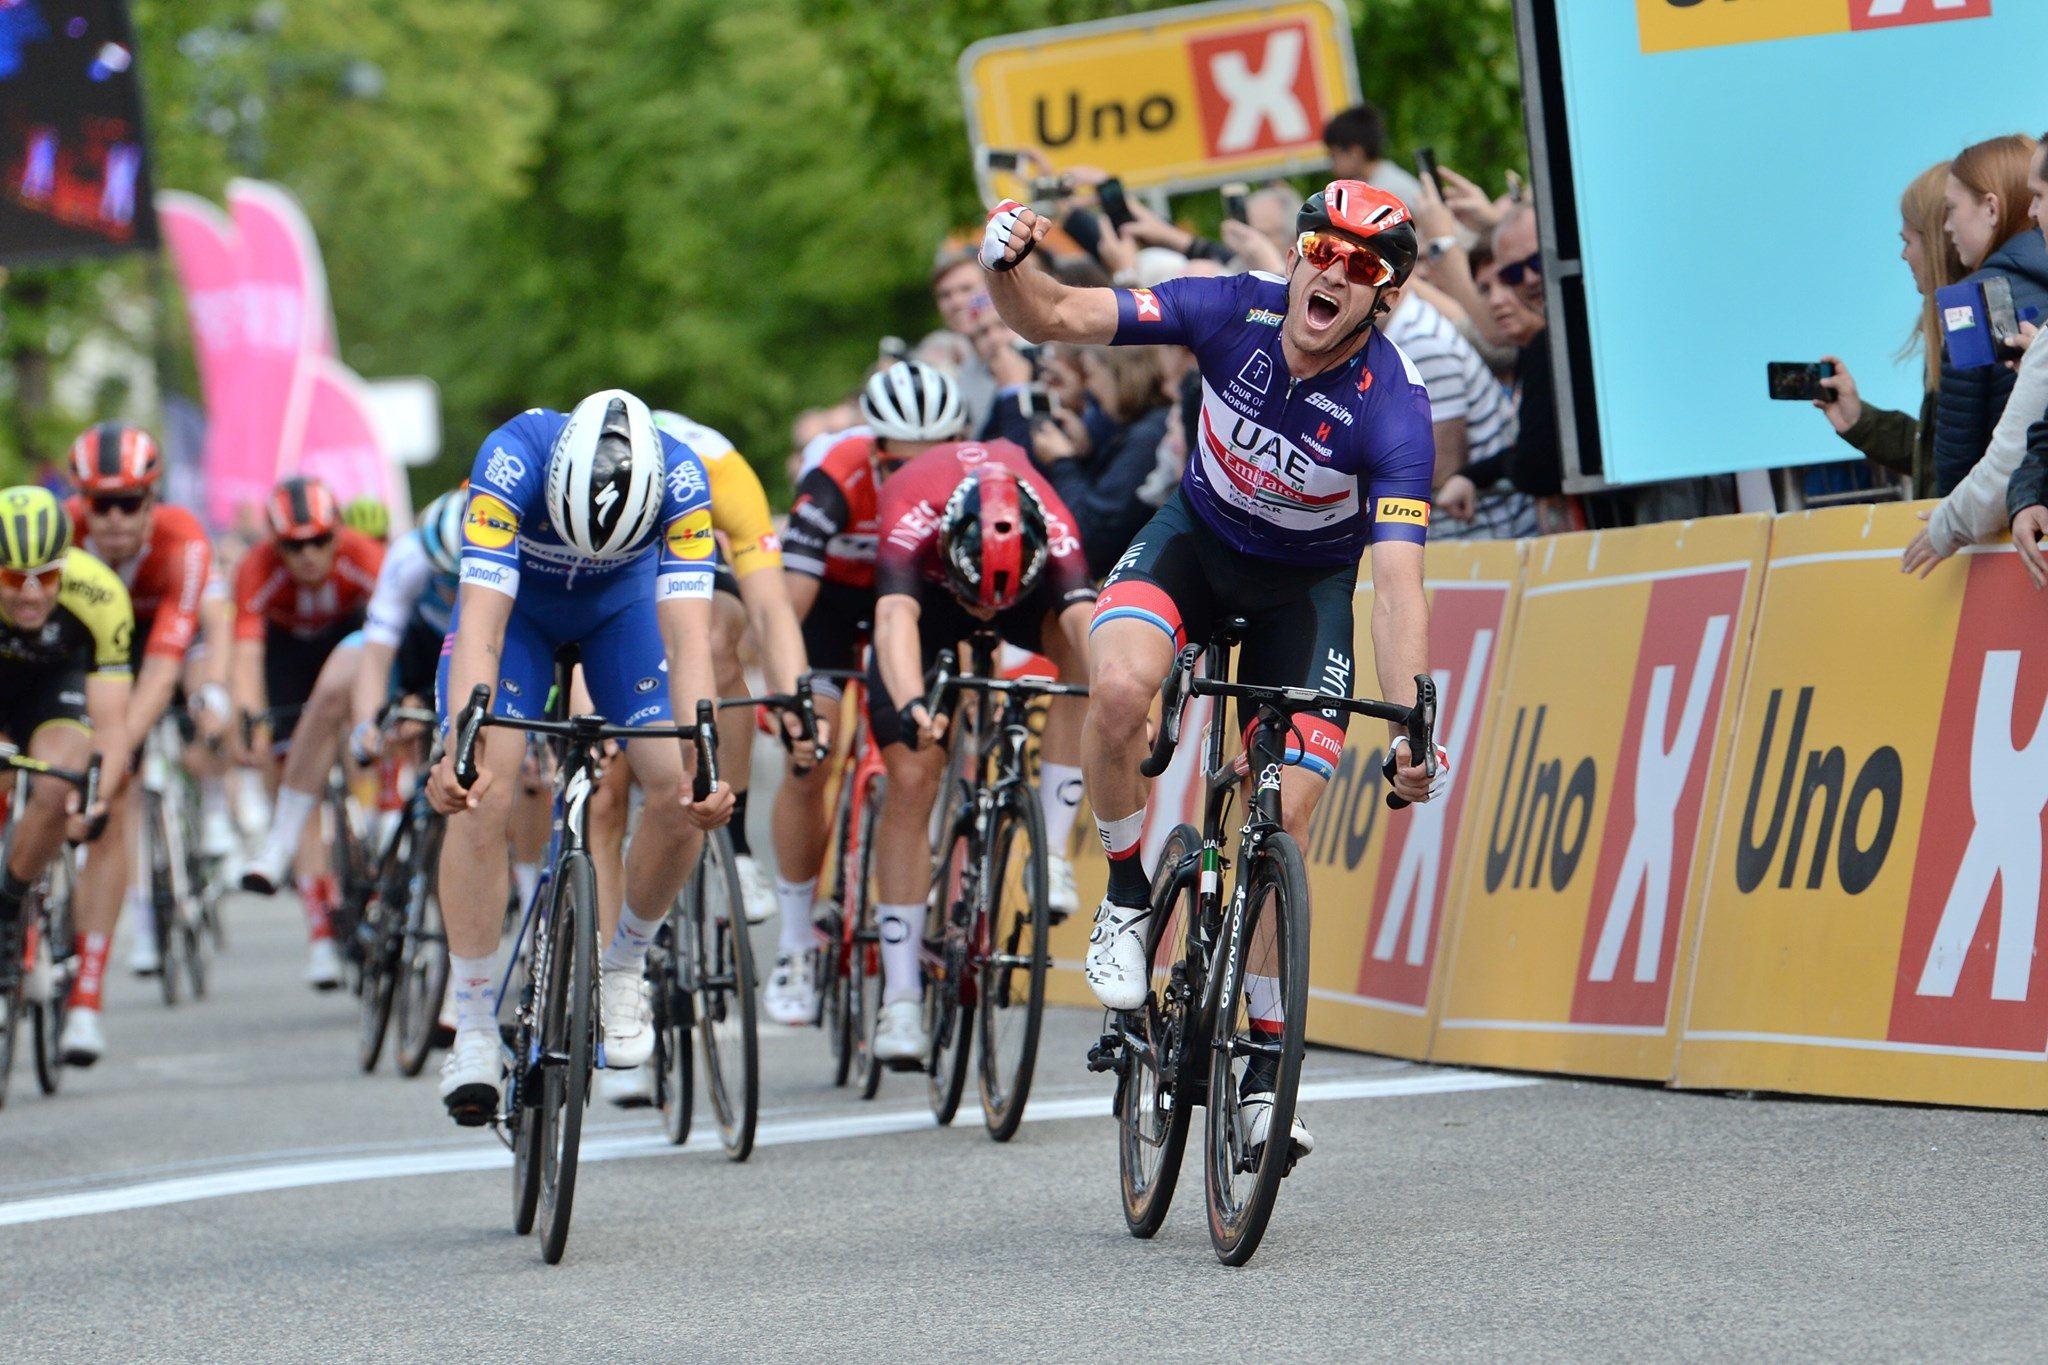 Kristoff med etterlengtet etappeseier i Tour of Norway